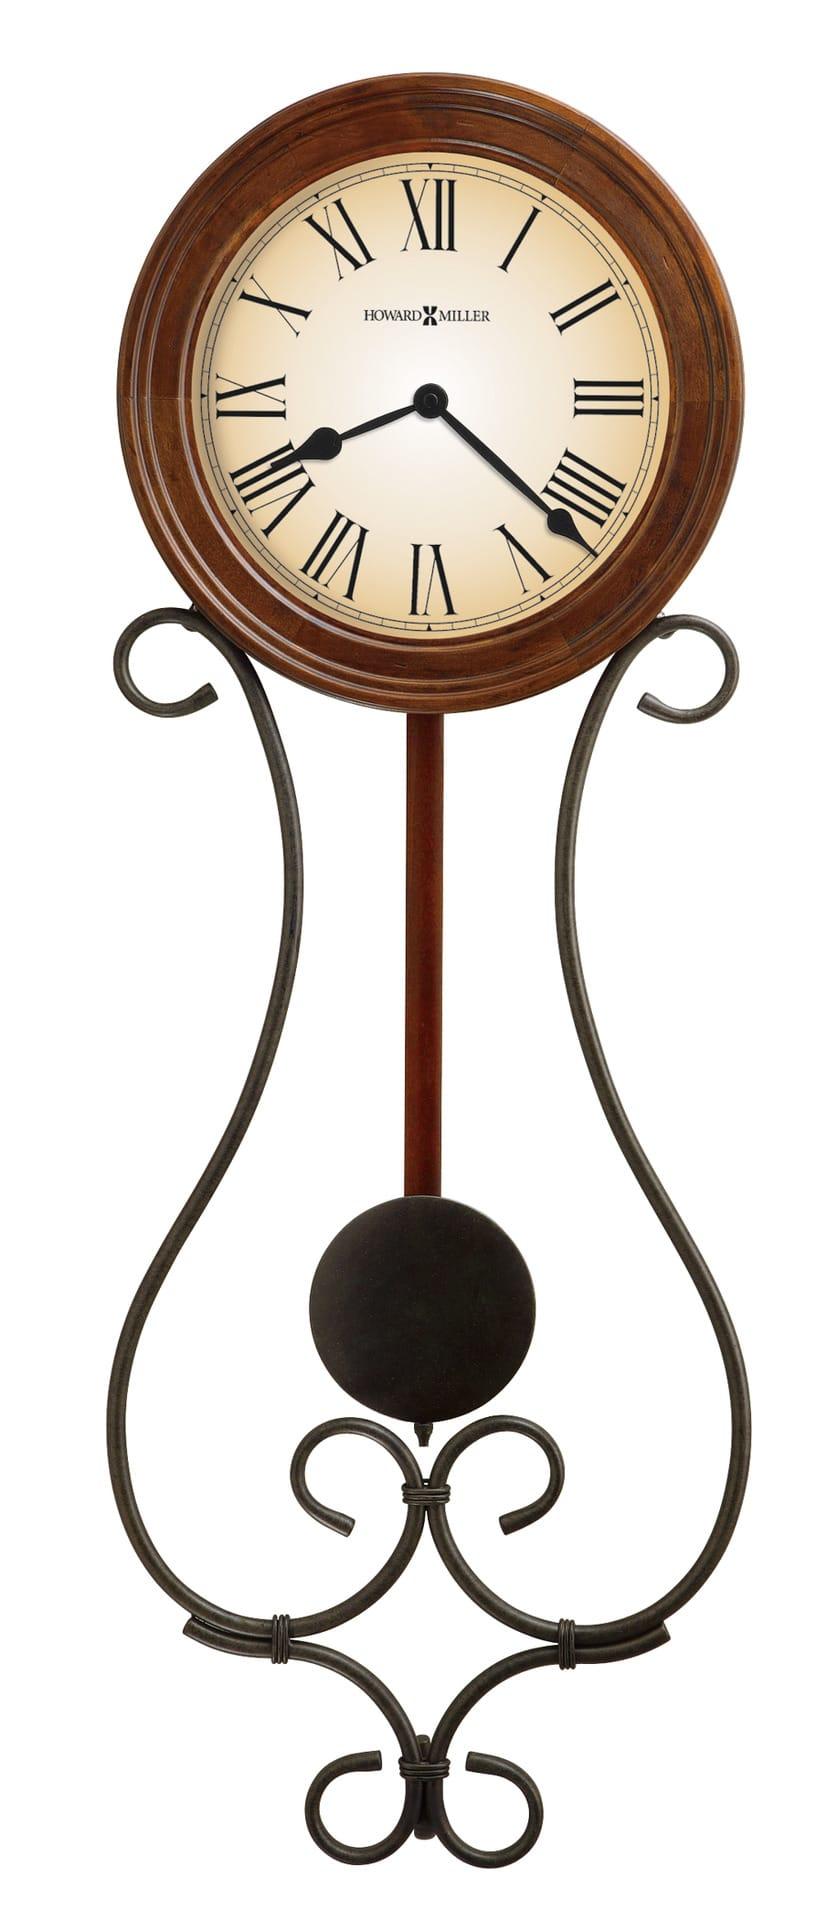 625 497 Kersen Wall Clock By Howard Miller